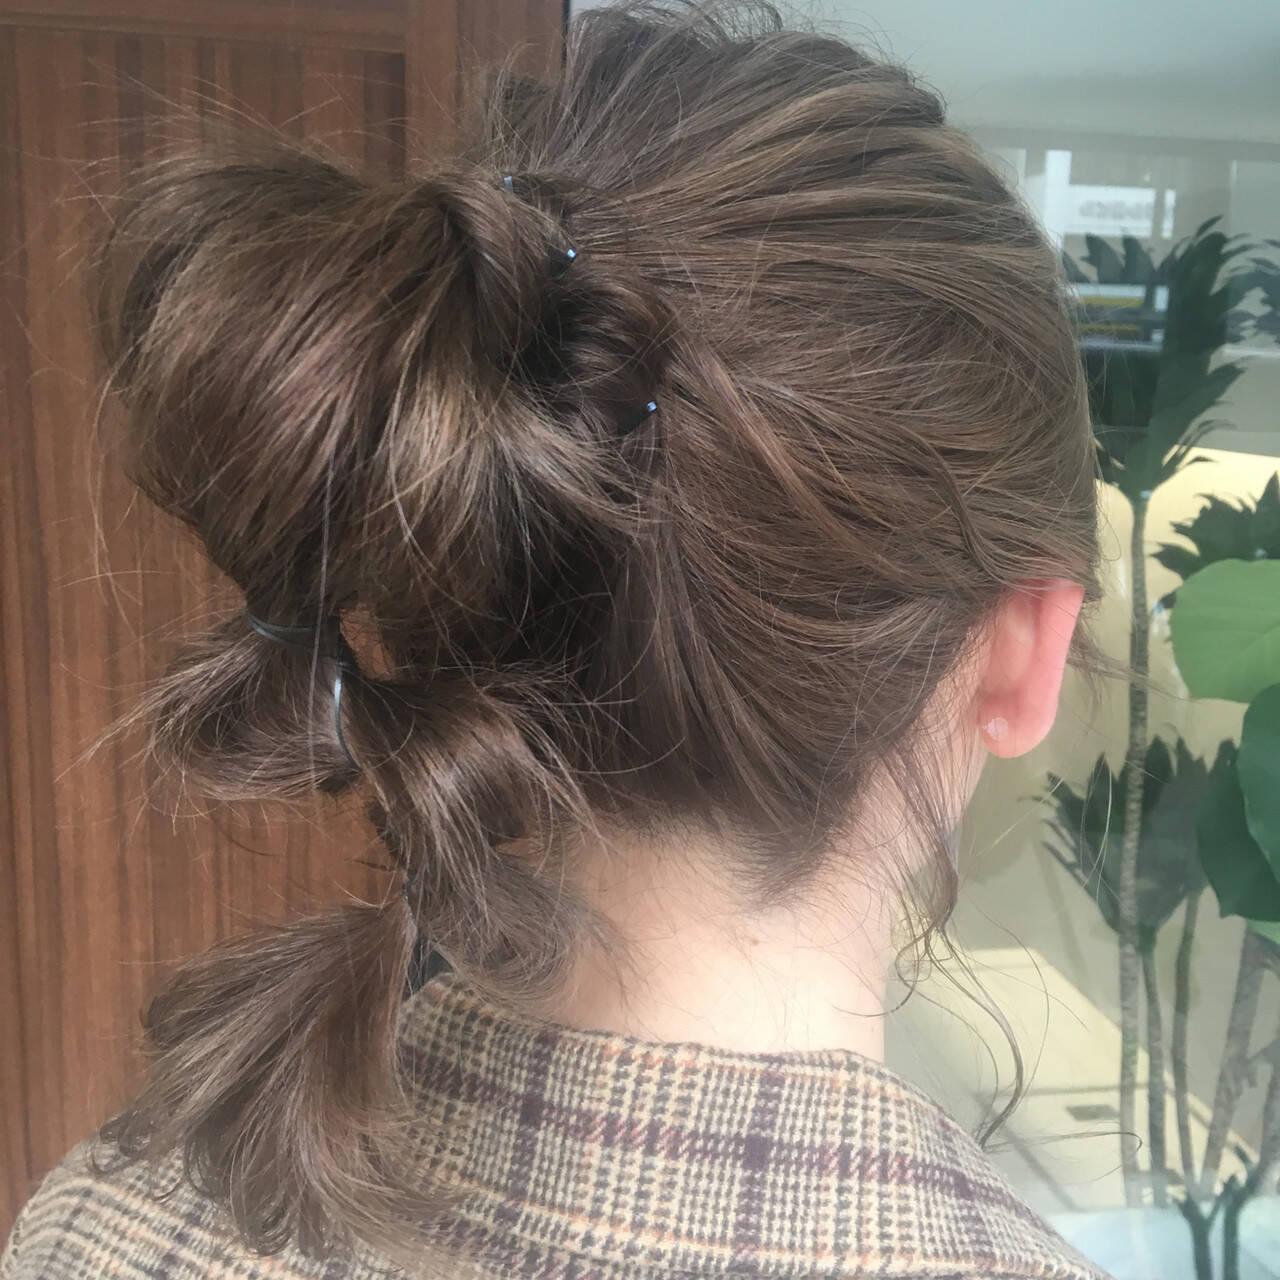 ヘアアレンジ ミディアム ガーリー ふわふわヘアアレンジヘアスタイルや髪型の写真・画像